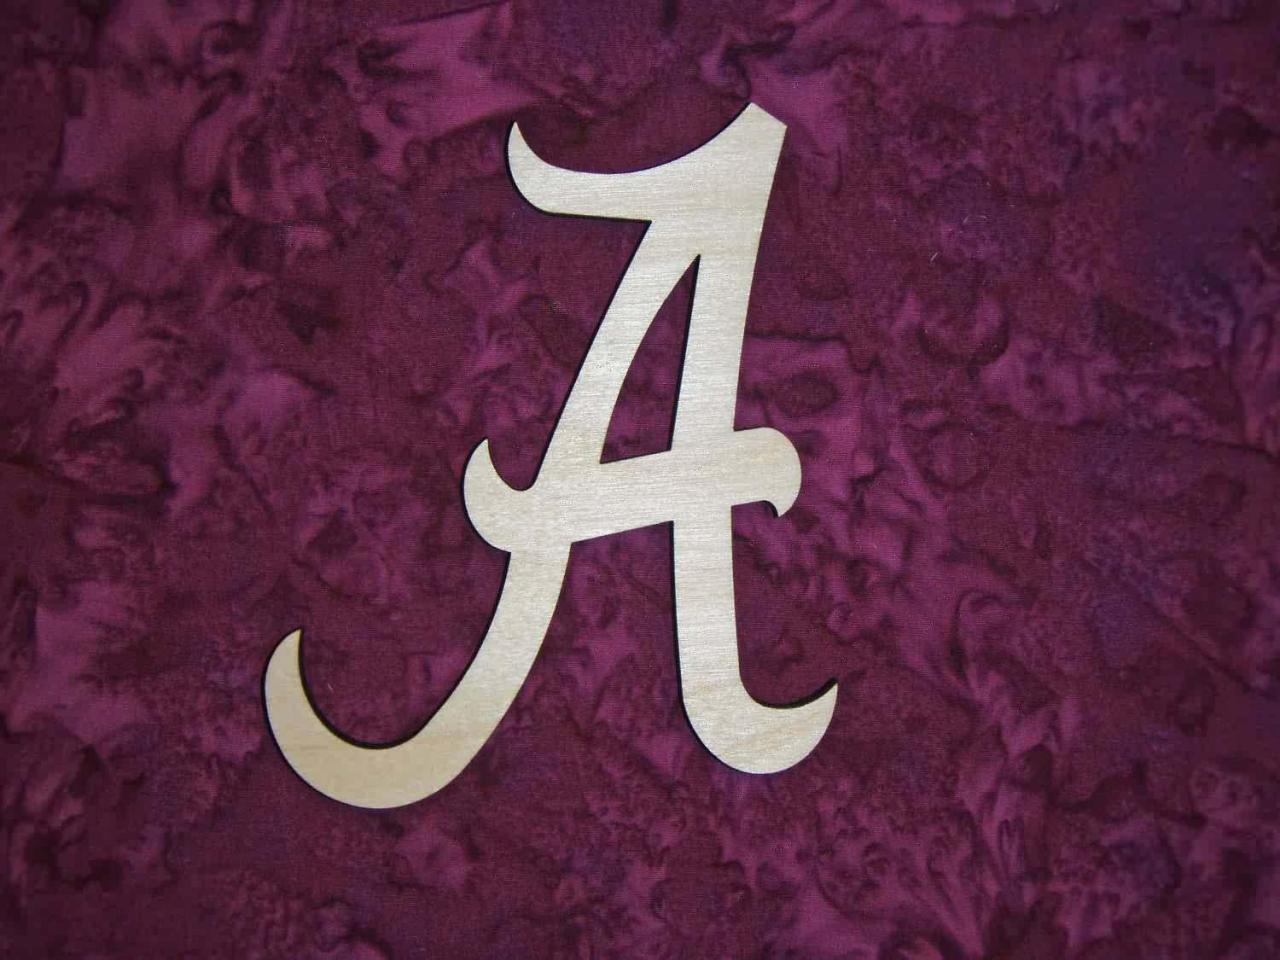 صورة اجمل حروف a , جميع حروف حرف a ما بين الاسمي